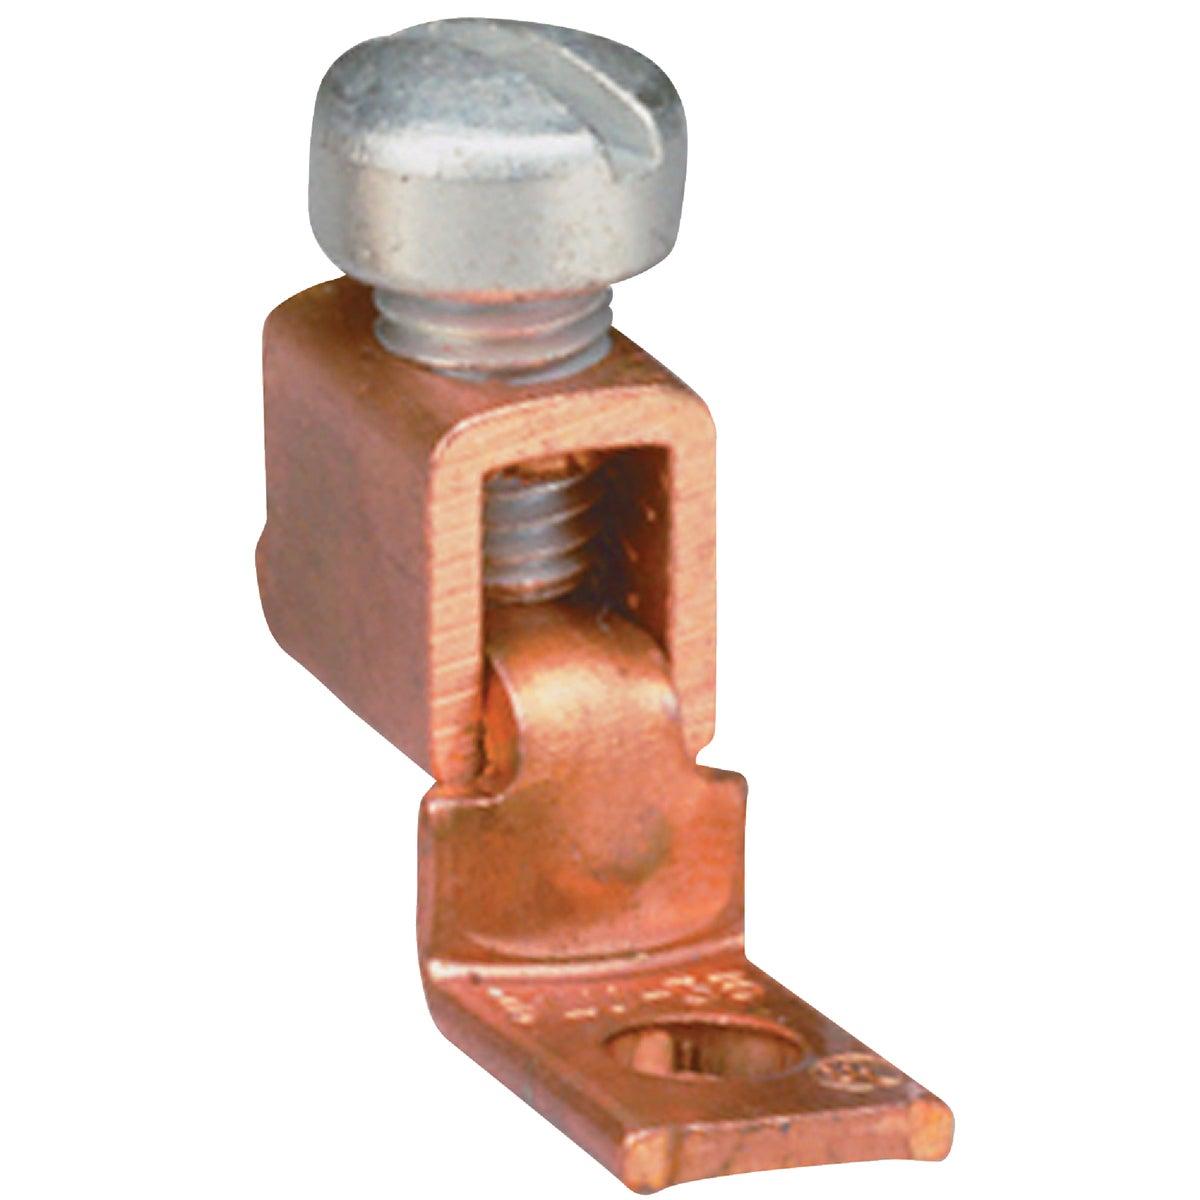 2-8 MECHANICAL LUG - GSLU-70 by G B Electrical Inc